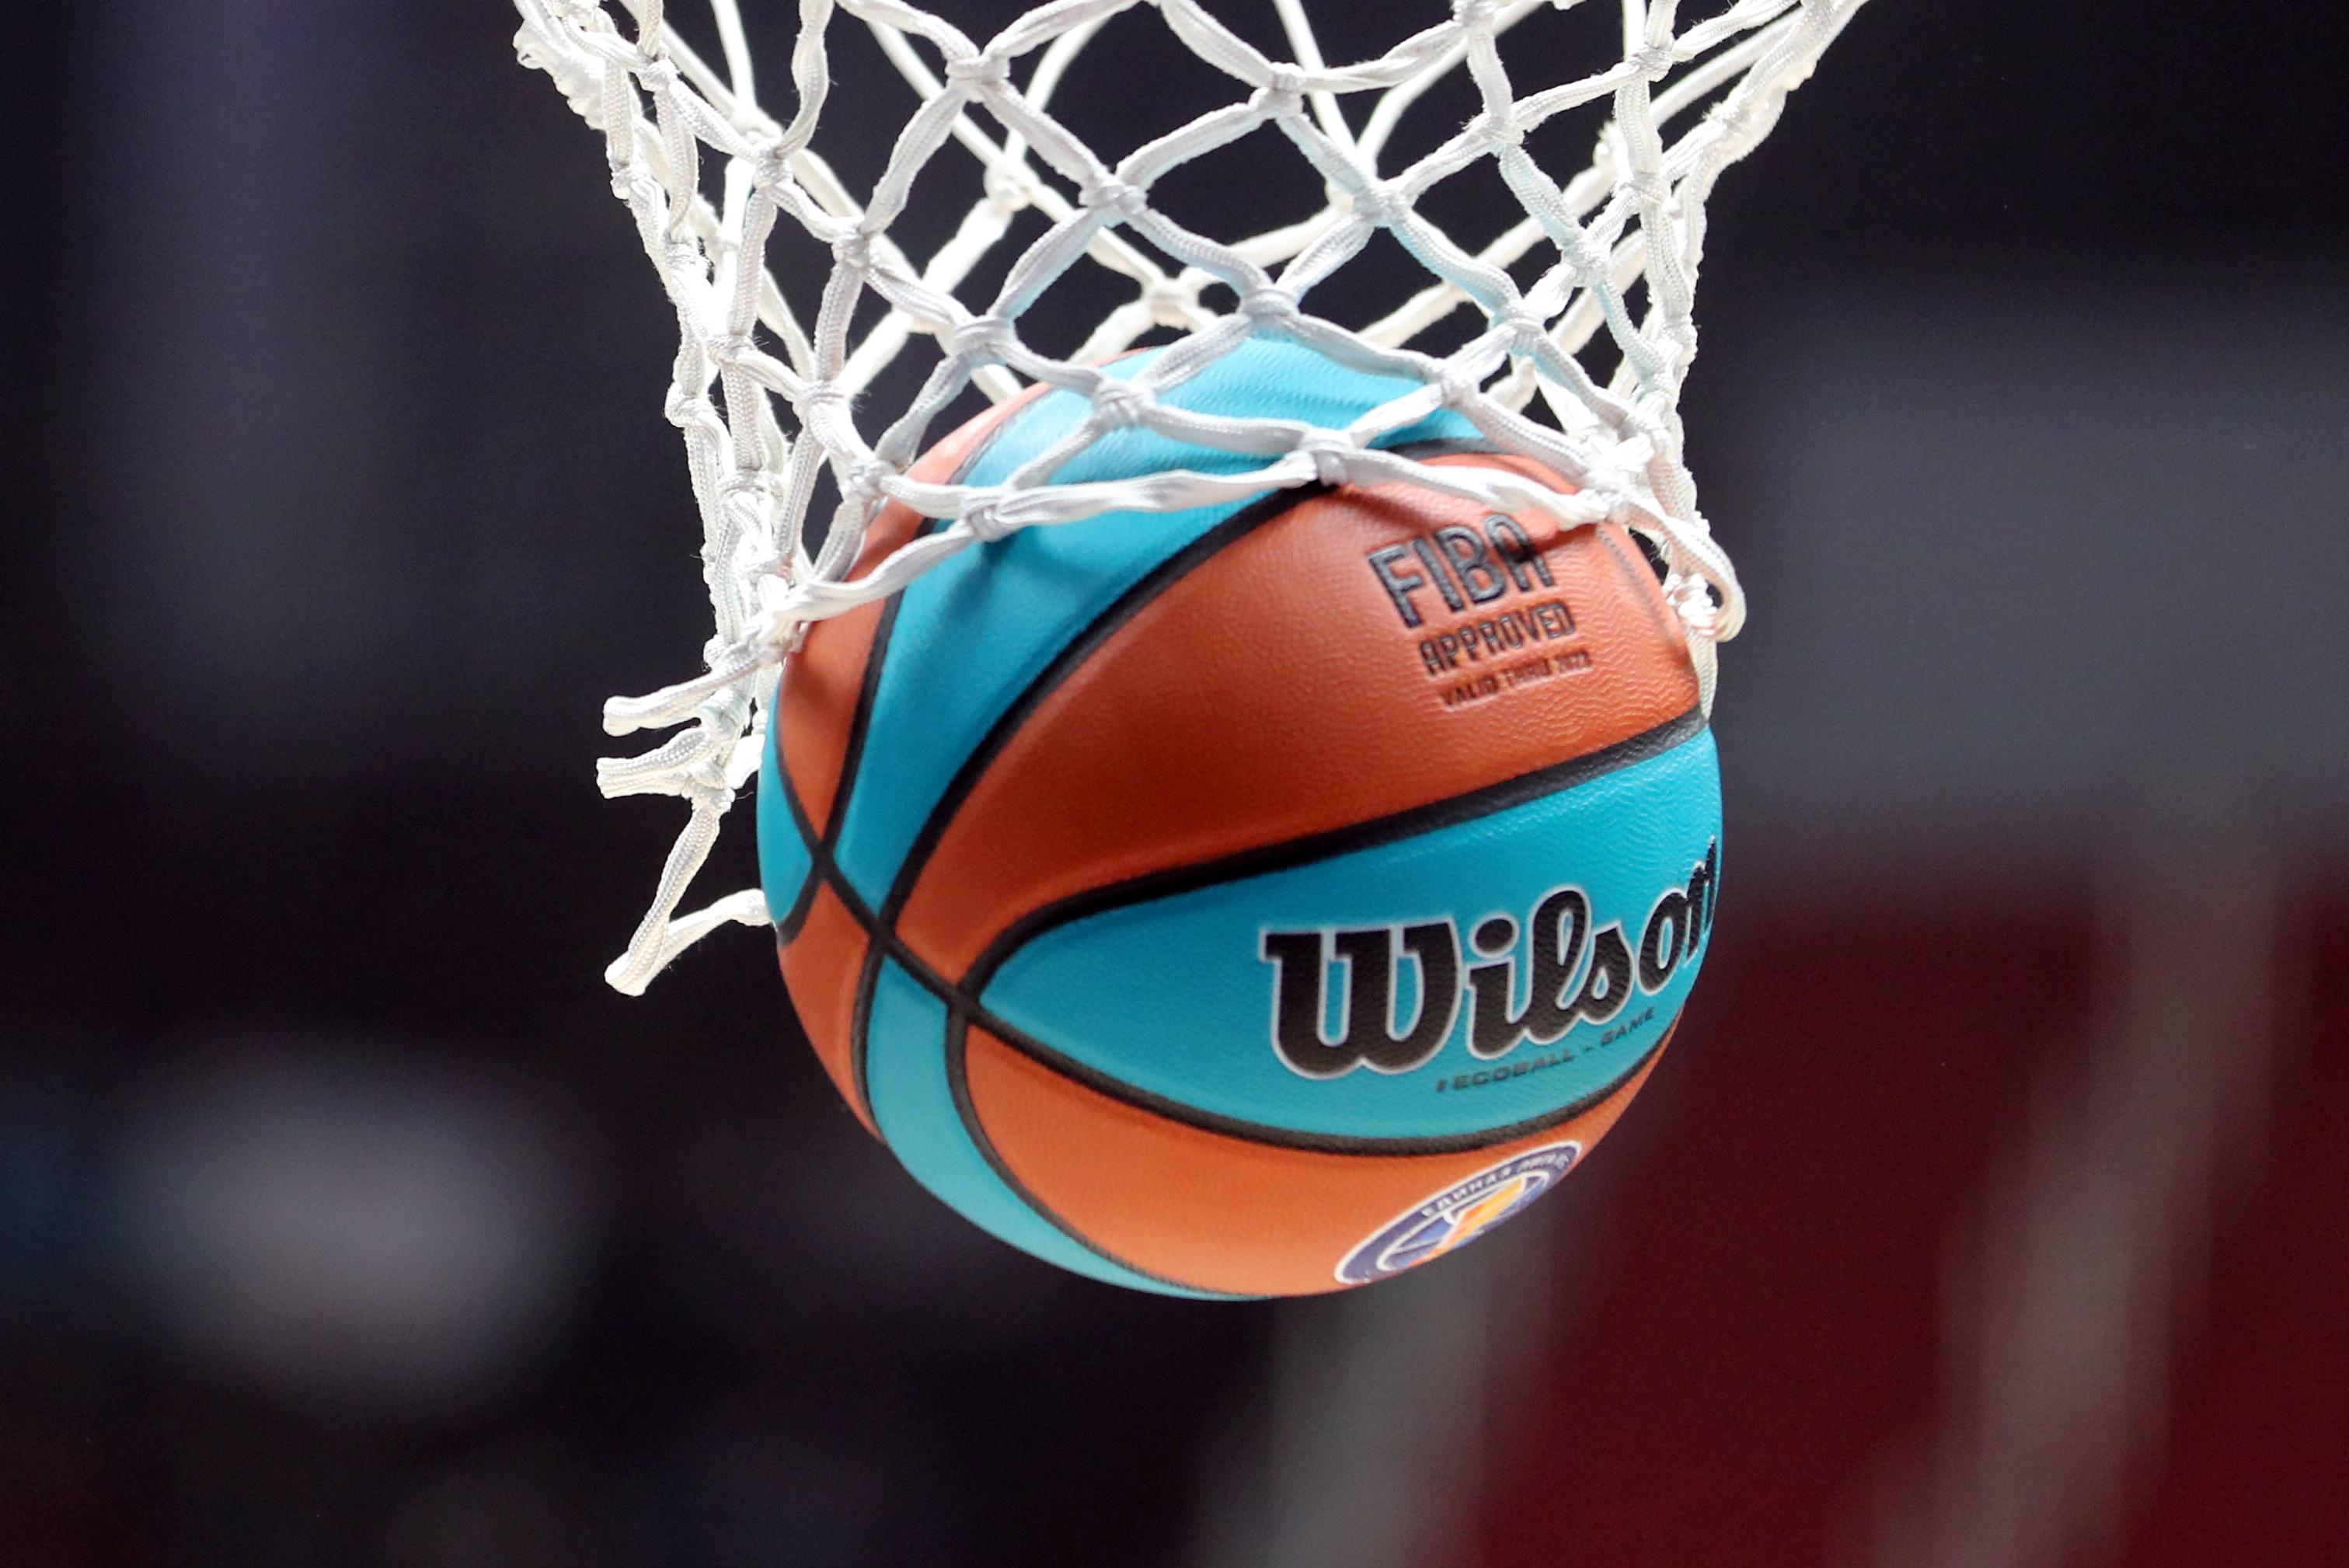 VTB Basketball United League: Zenit St Petersburg vs Yenisei Krasnoyarsk